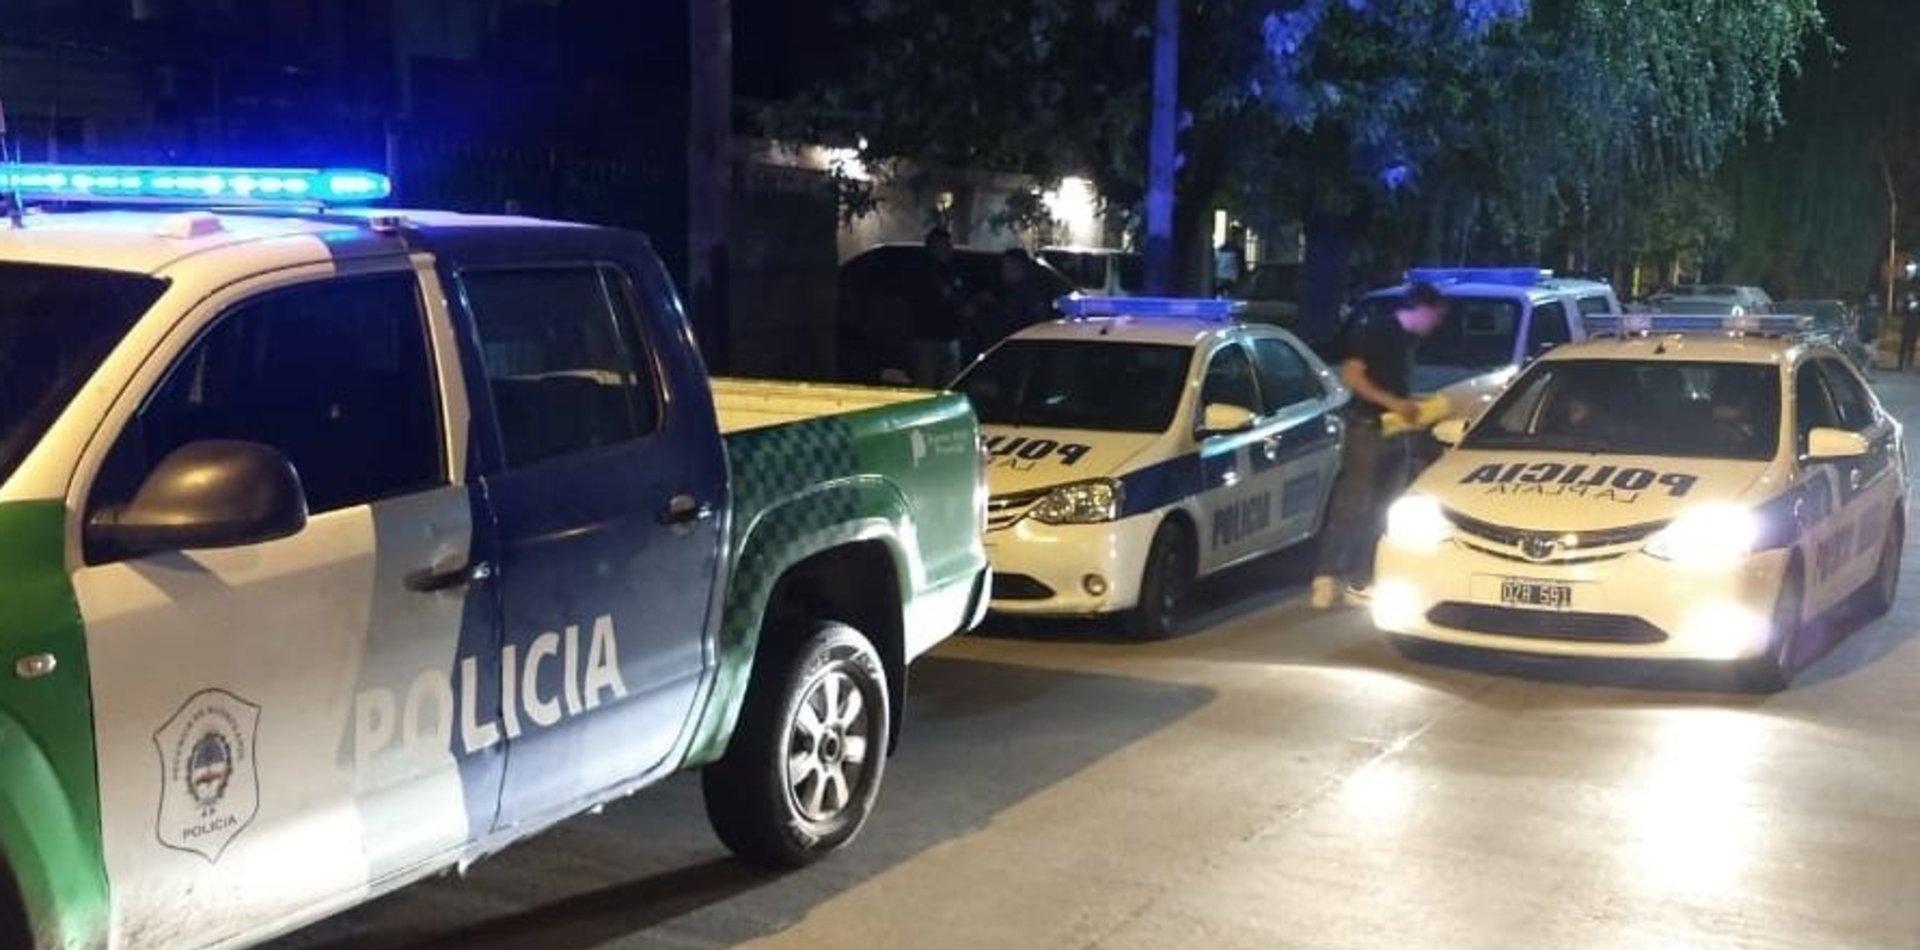 Entre amenazas, le robaron más de medio millón de pesos a un abuelo de 94 años en La Plata